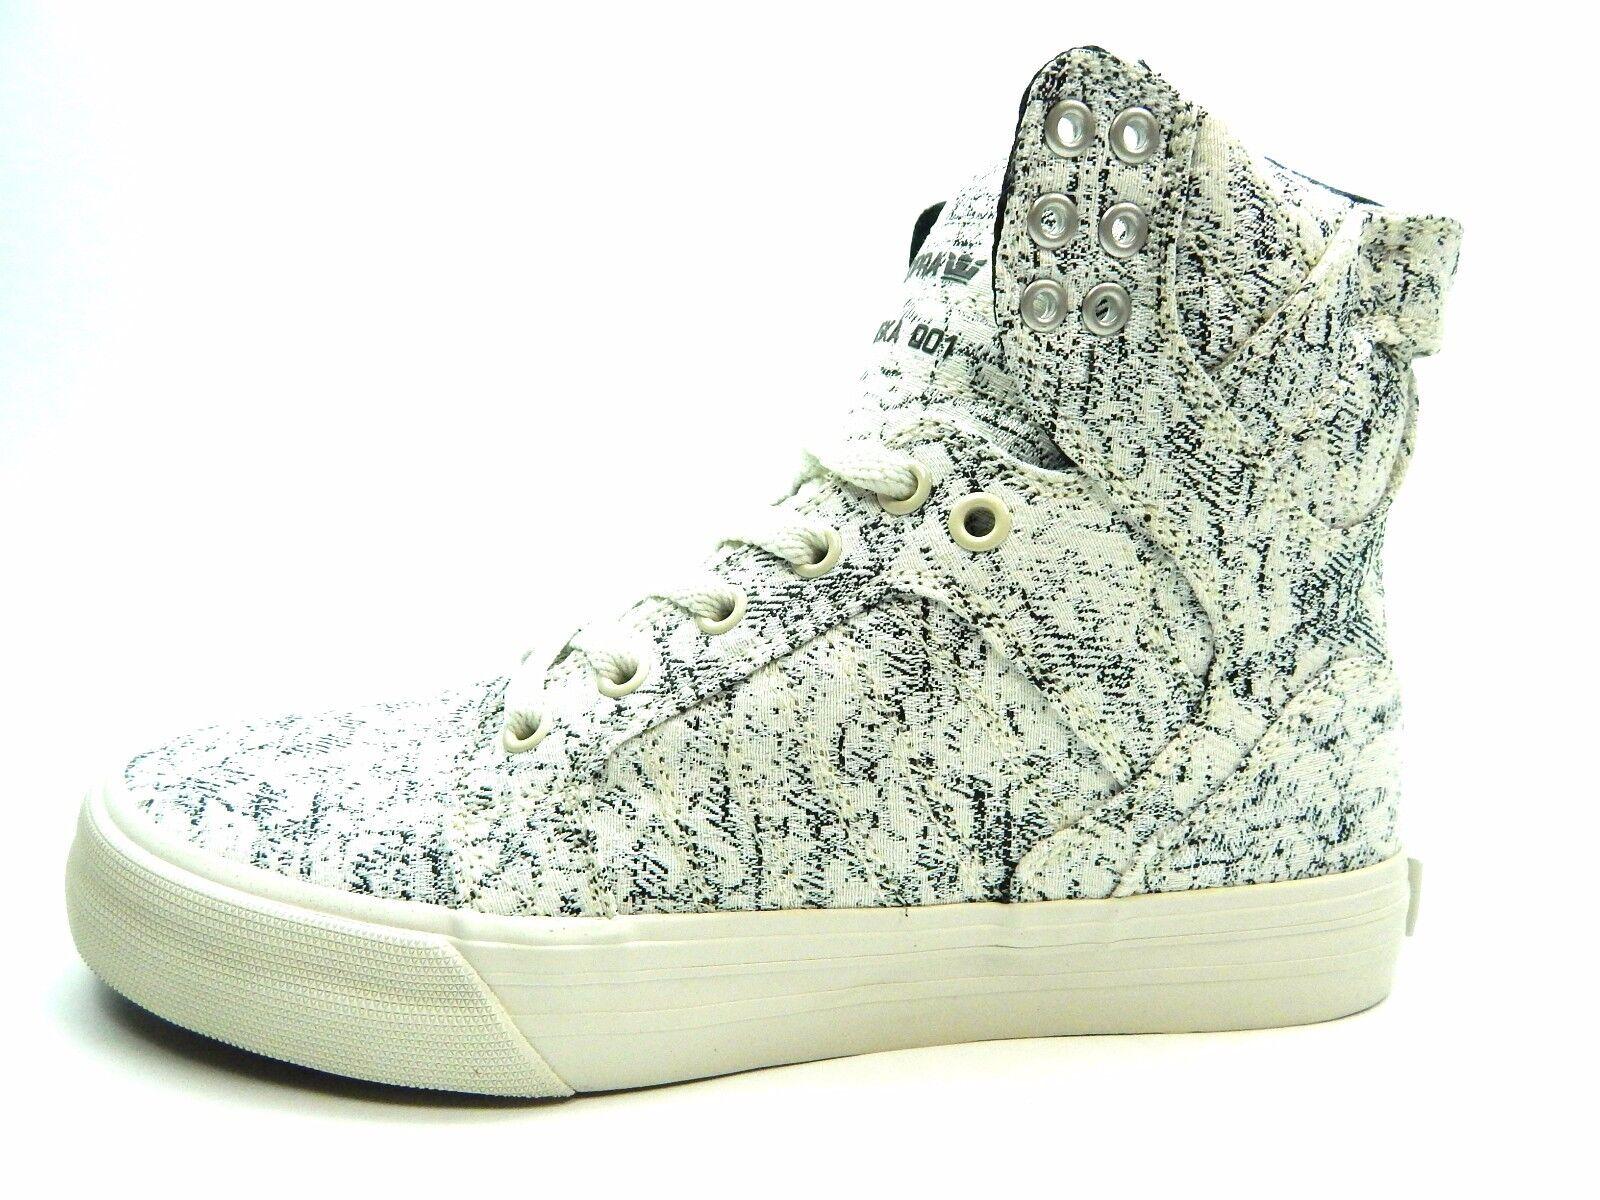 Supra para Skytop blancoo Negro Tejido 98002-162-M Zapatos para Supra mujeres d48009